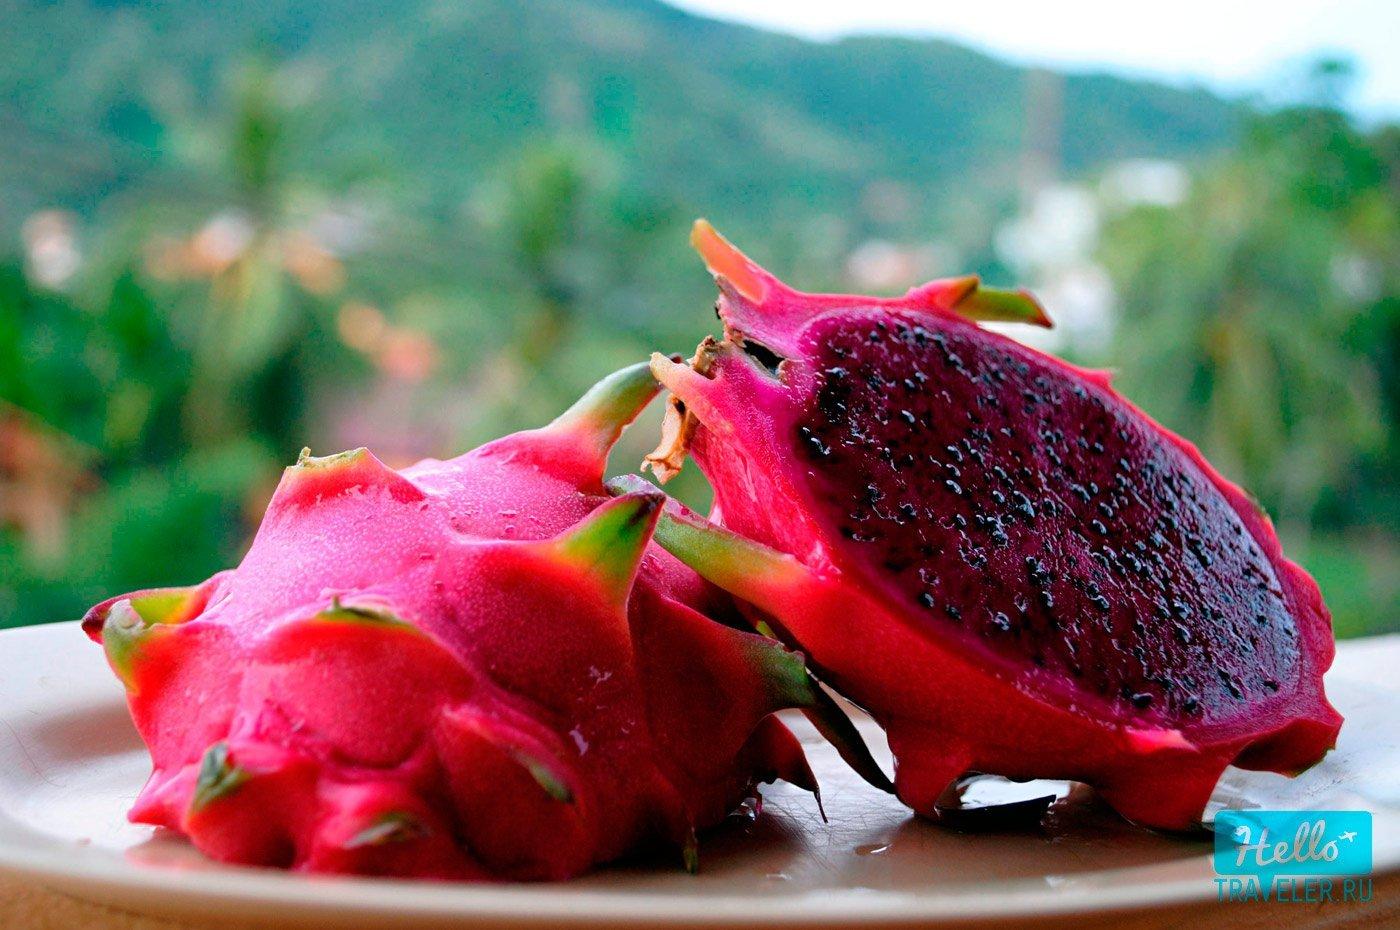 7 Питахайя, Драконий фрукт